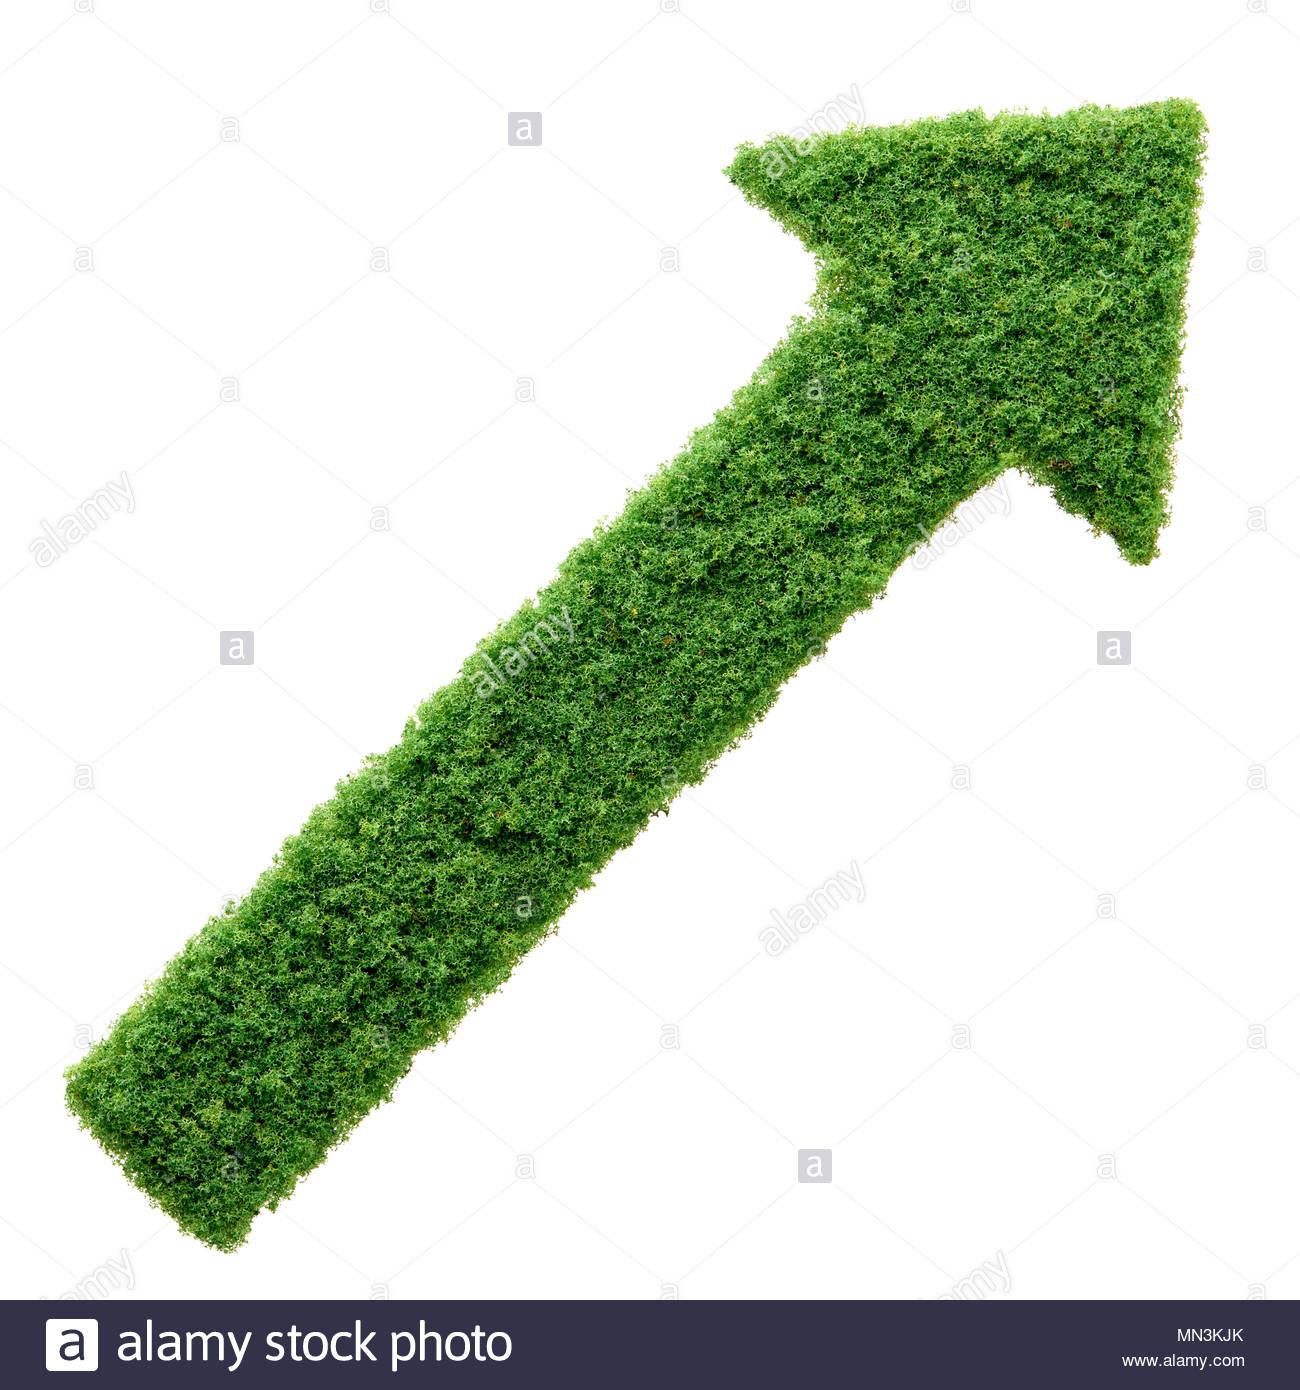 Gras wächst in der Form eines Pfeils, symbolisiert die Sorgfalt und Hingabe für Fortschritt, Erfolg und Profit im Geschäft benötigt. Stockbild